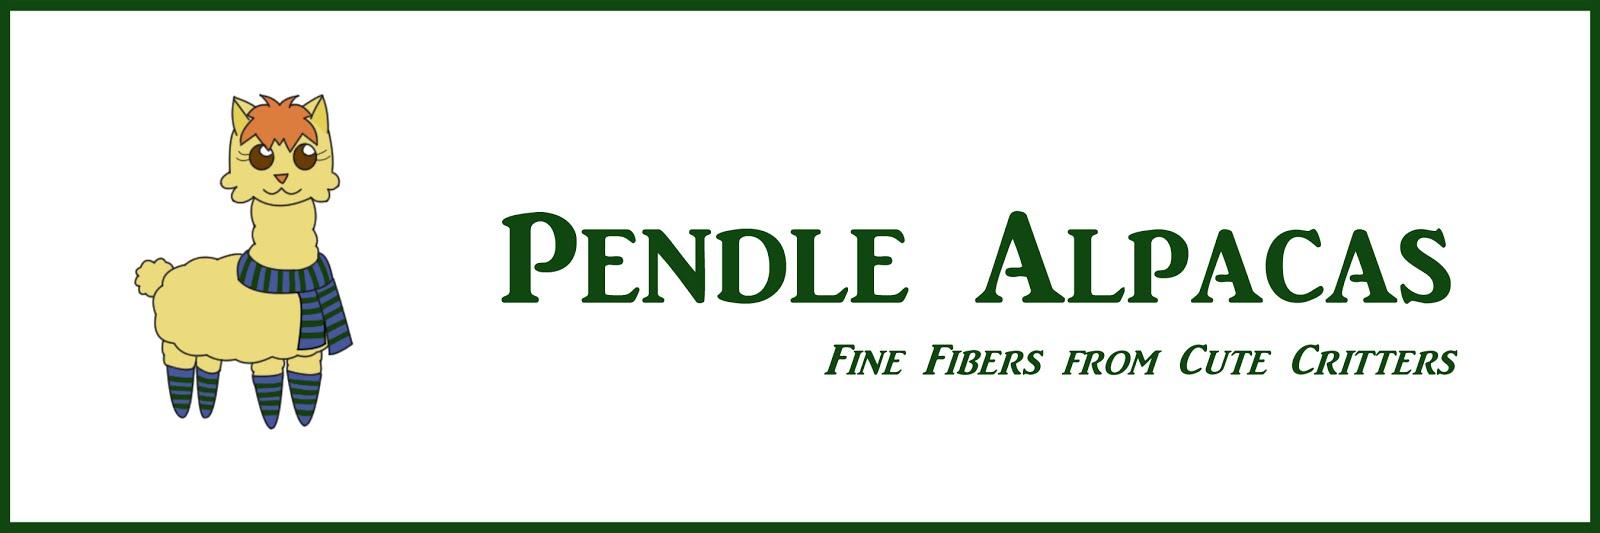 Pendle Alpacas